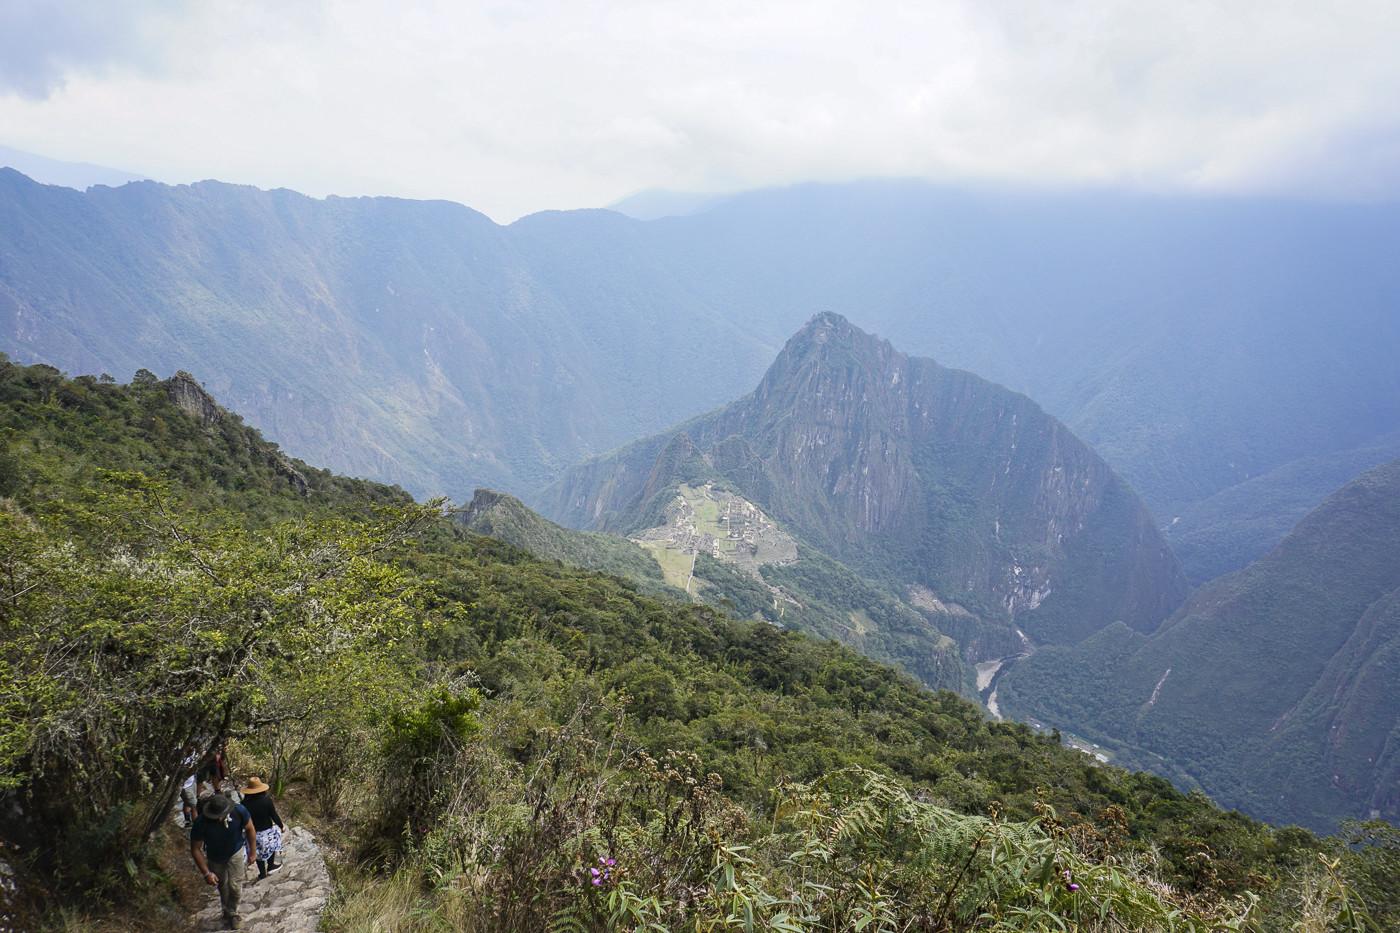 Der Aufstieg auf den Machu Picchu Mountain. Rechts sieht man die hochkommenden Touristen - ist man erst einmal auf einem der Wanderpfade, sind schon deutlich weniger Touristen unterwegs, als bei den Ruinen.